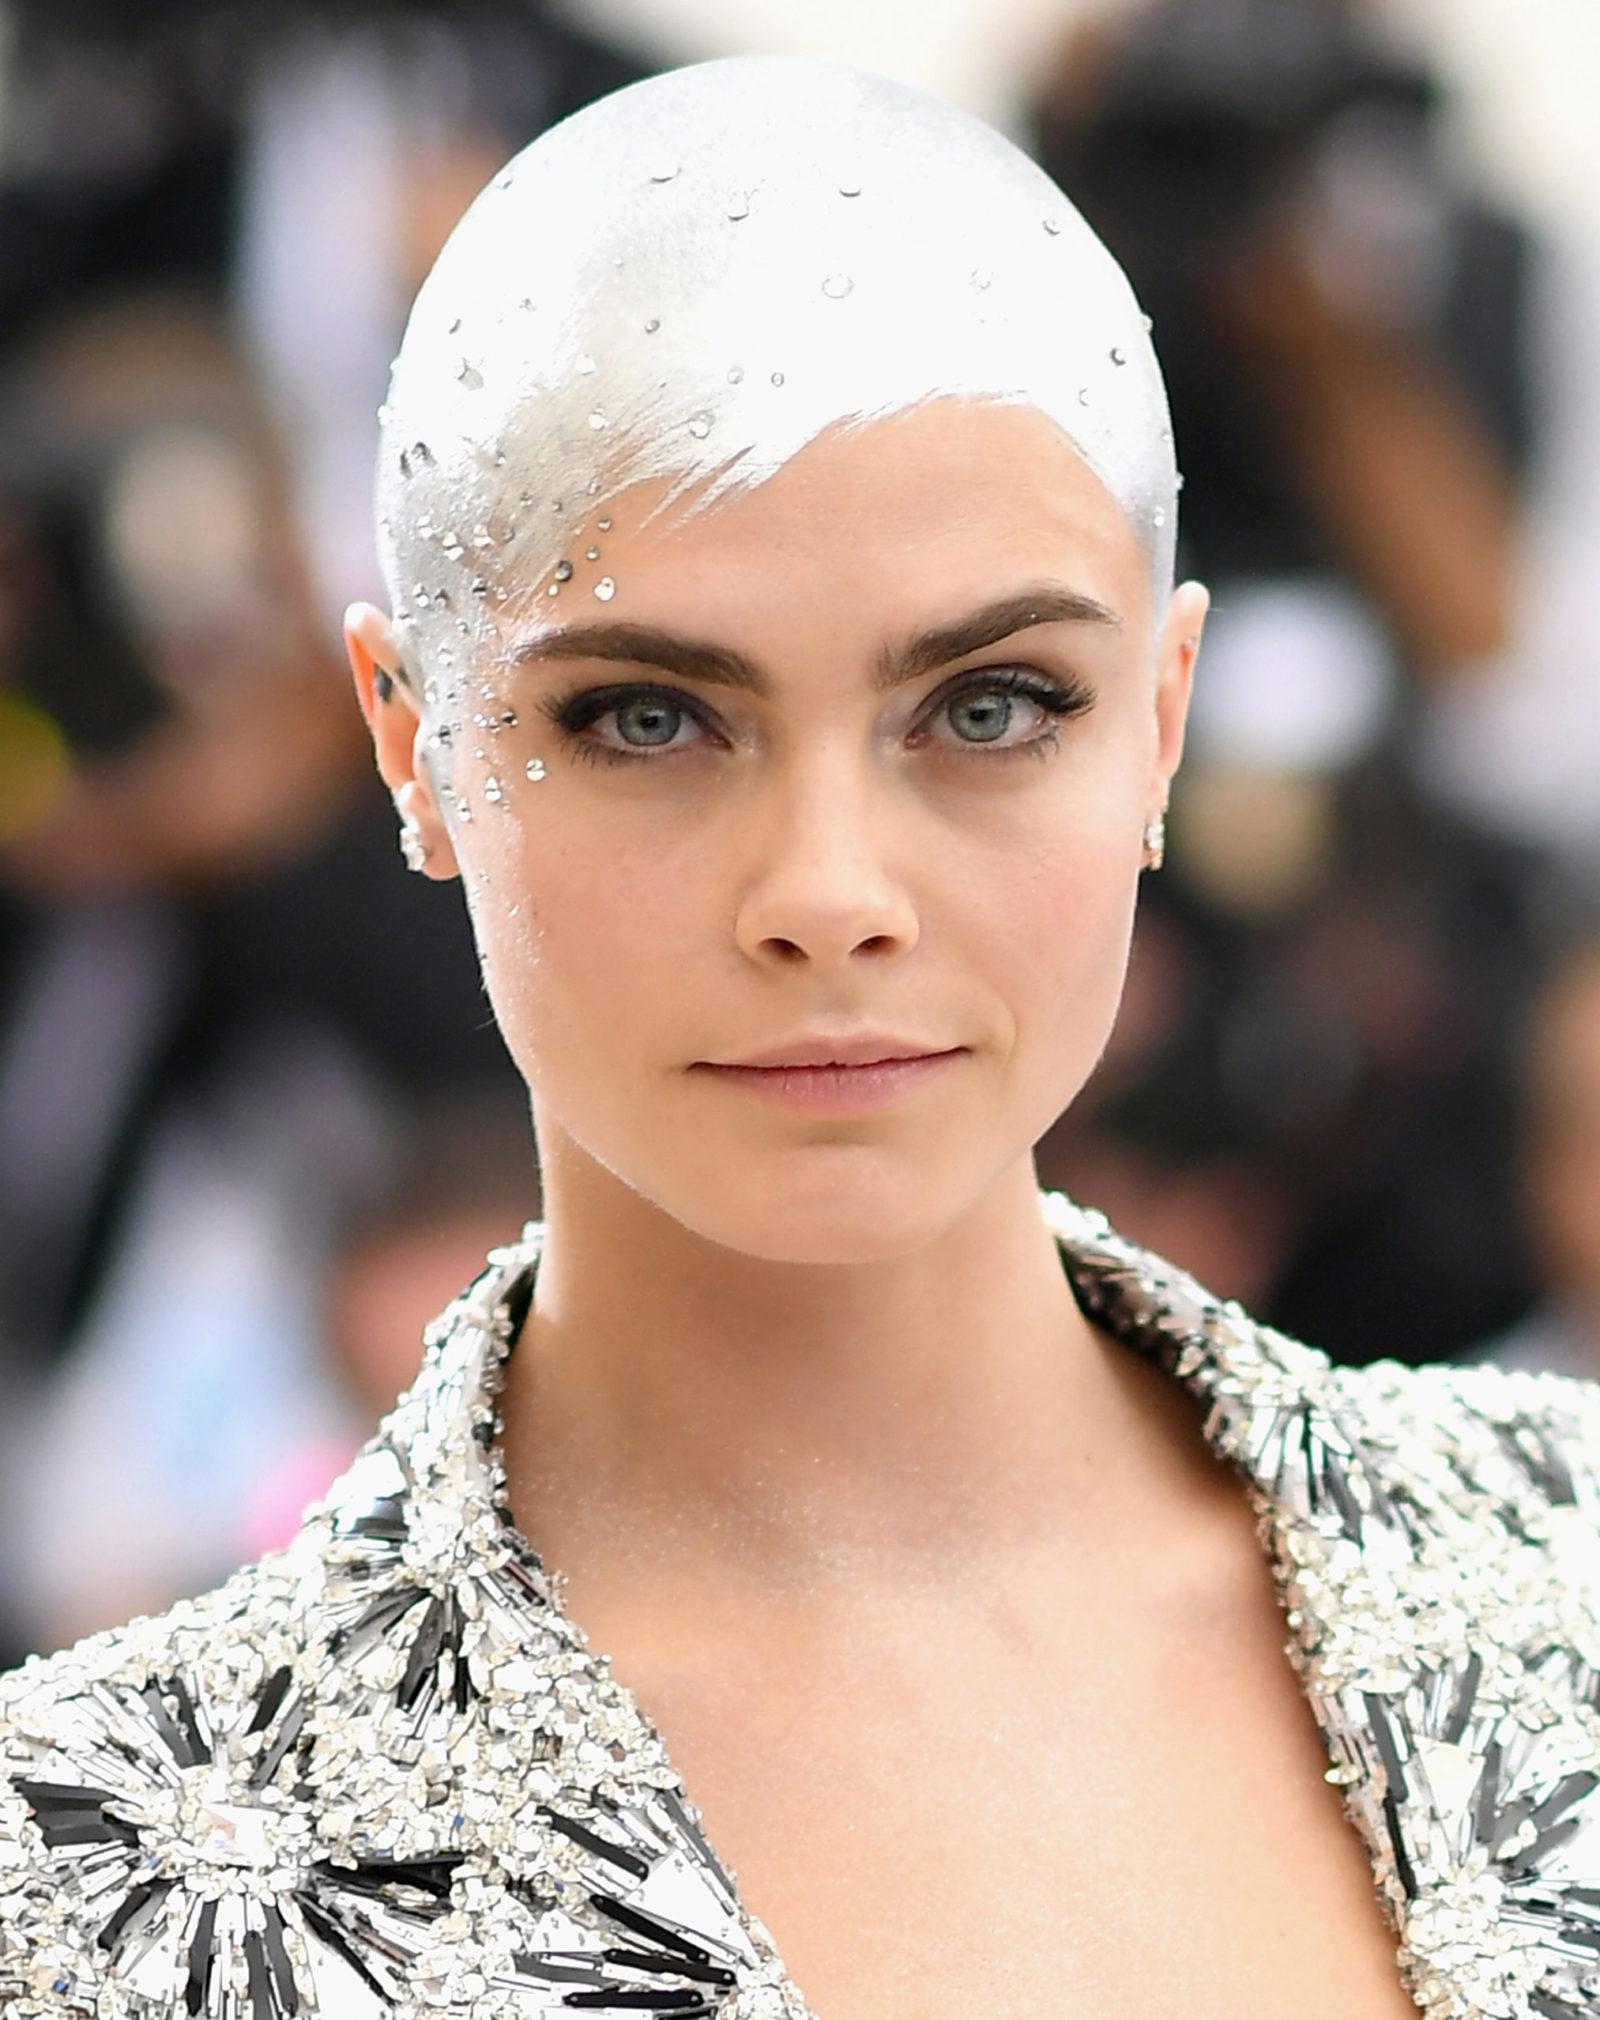 A cabeça prateada com cristais de Cara Delevinge roubou a atenção no tapete vermelho do MET Gala. A atriz raspou os cabelos para seu personagem no longa Life In A Year